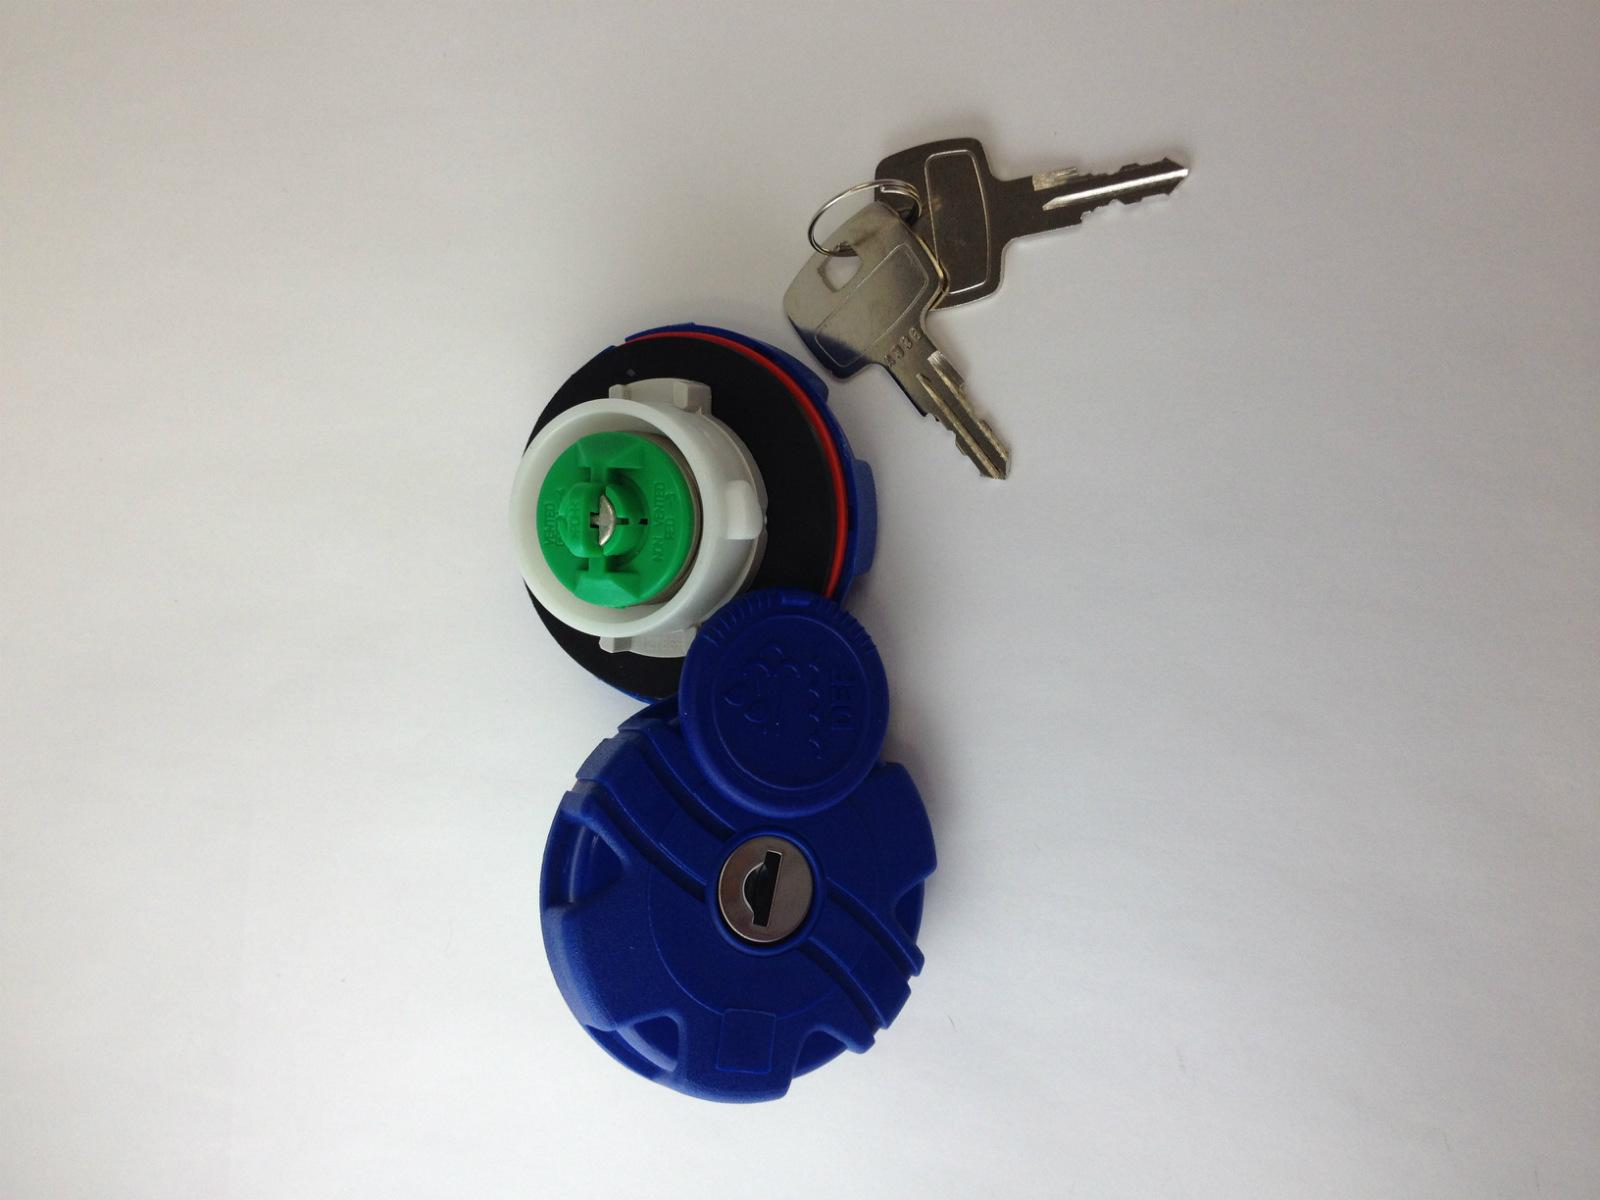 FREIGHT DEFENSE 100303 Defender Tamper-Resistant Locking ...